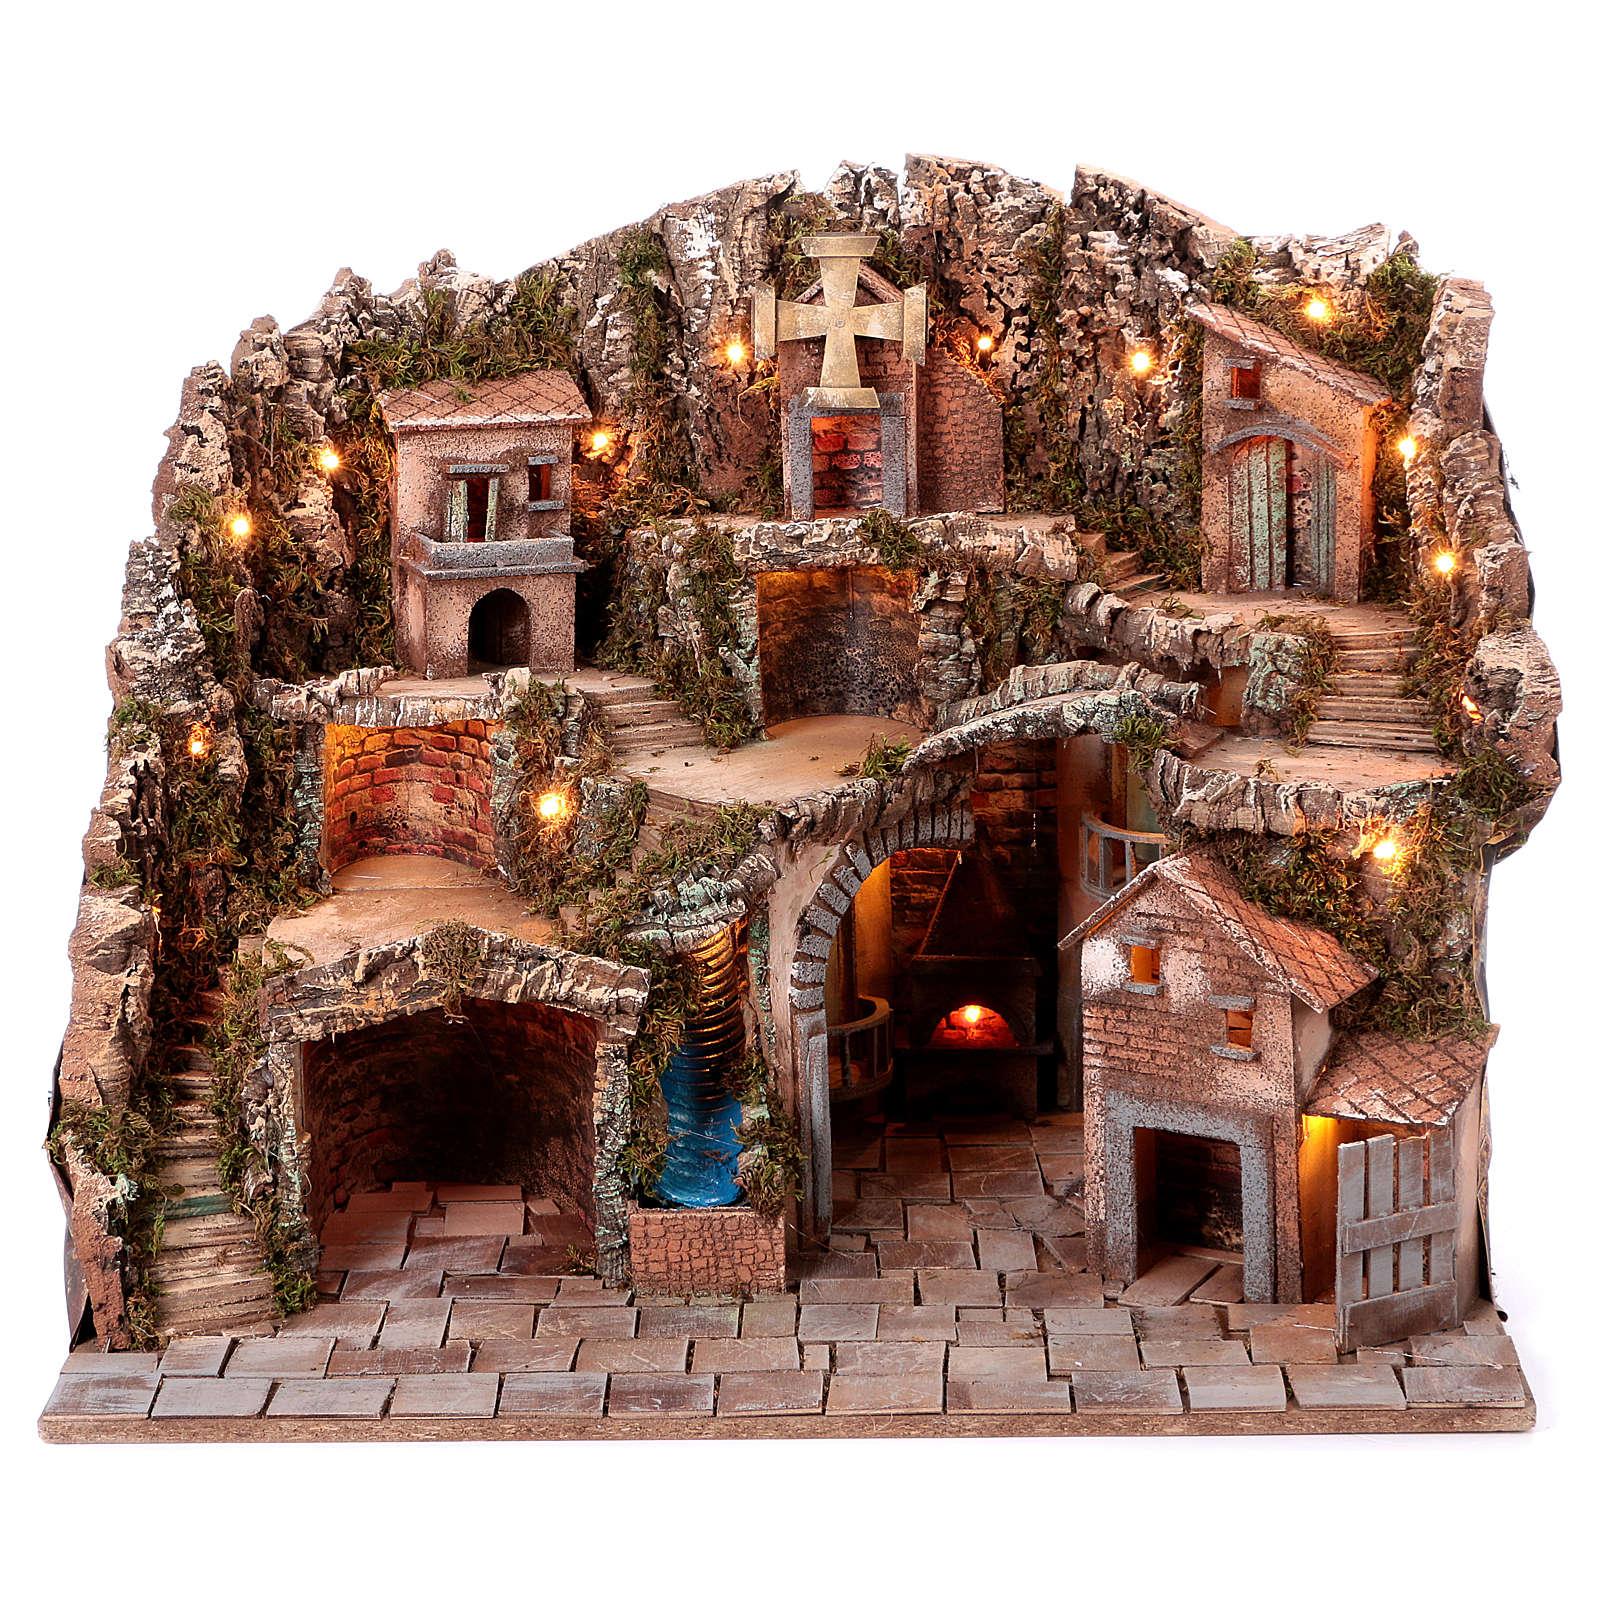 Village for Neapolitan Nativity scene 70x85x60 cm 4